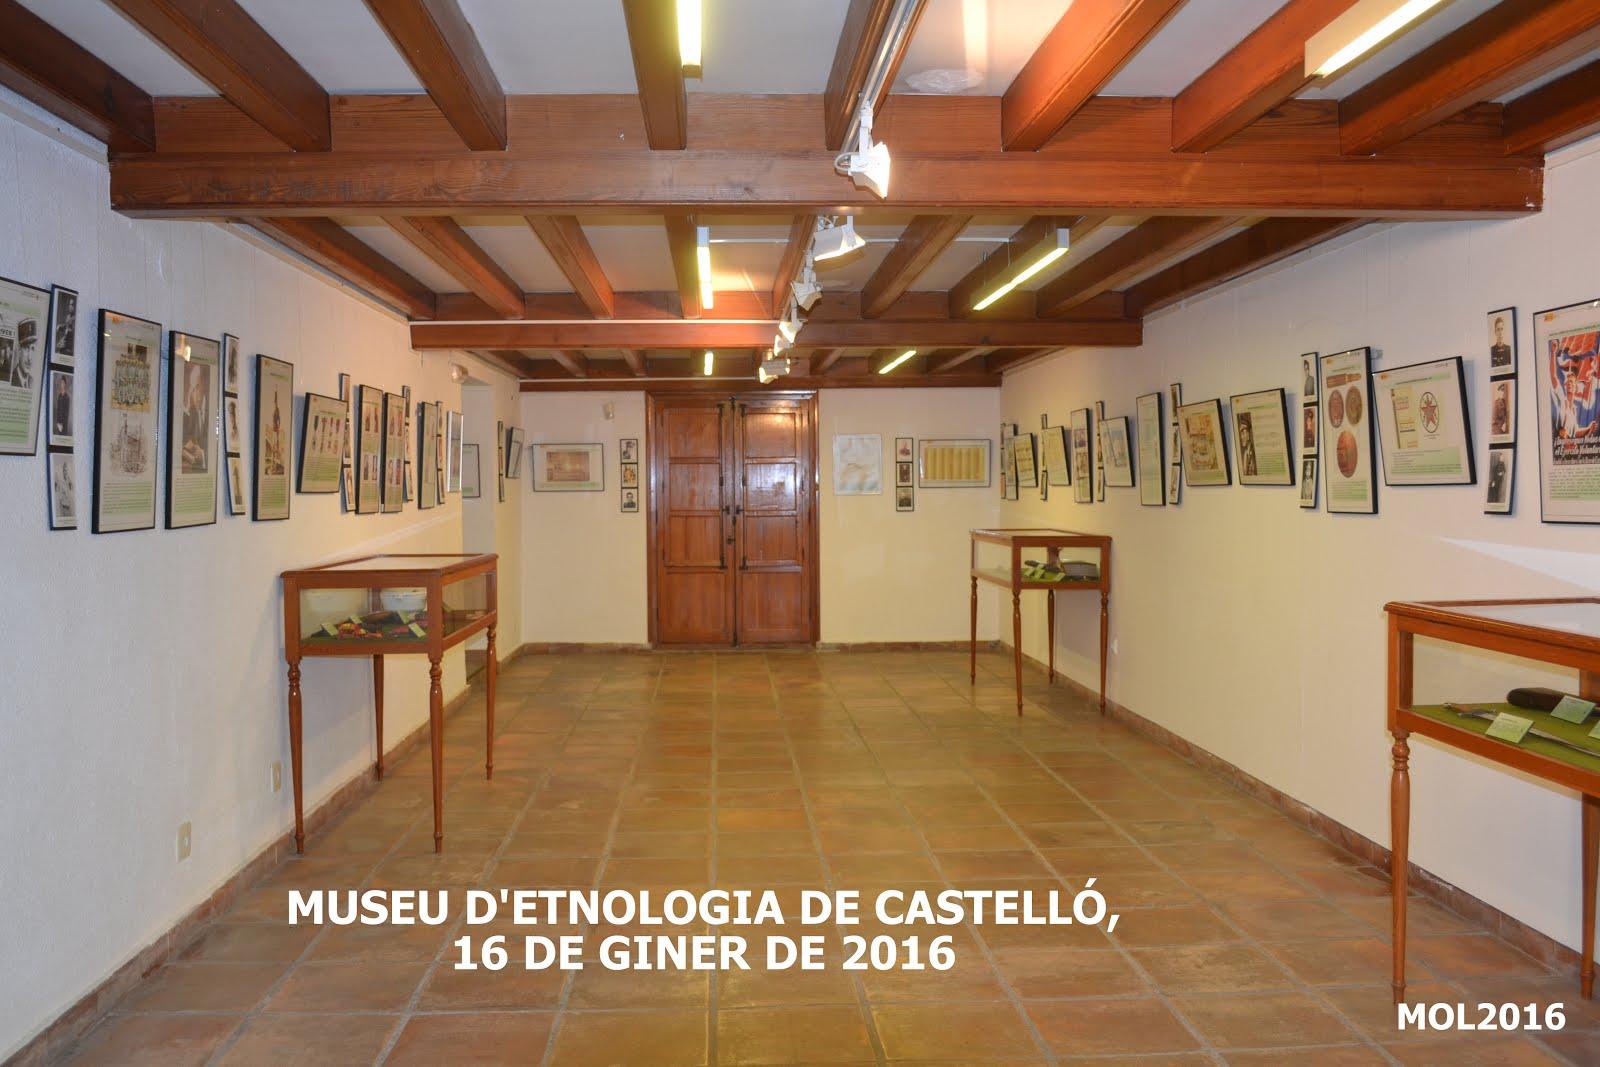 16.01.16 MUSEU D'ETNOLOGIA DE CASTELLÓ, PATRIMONI CULTURAL VALENCIÀ